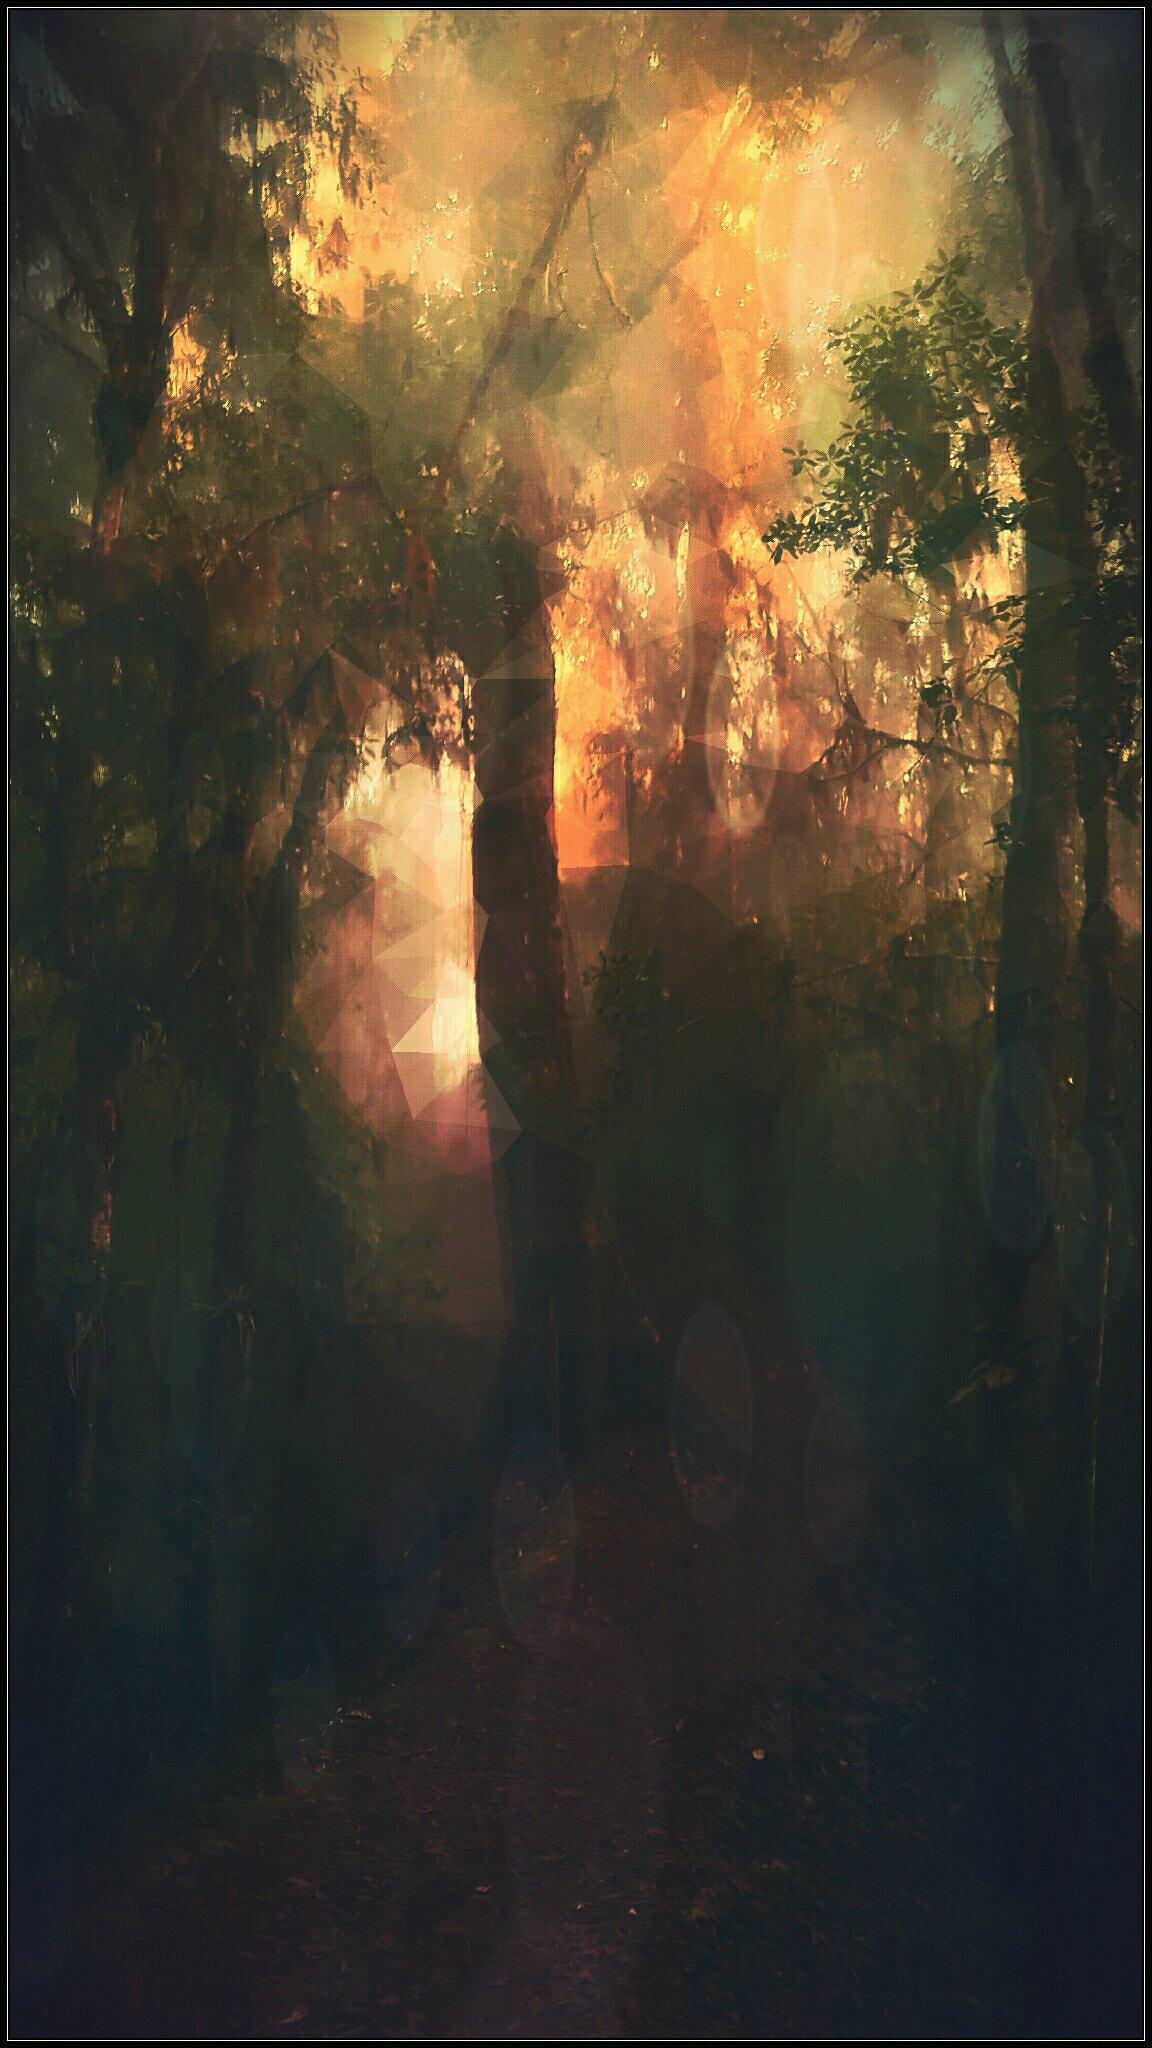 Dschungel, digitale Bearbeitung eigenen Fotos